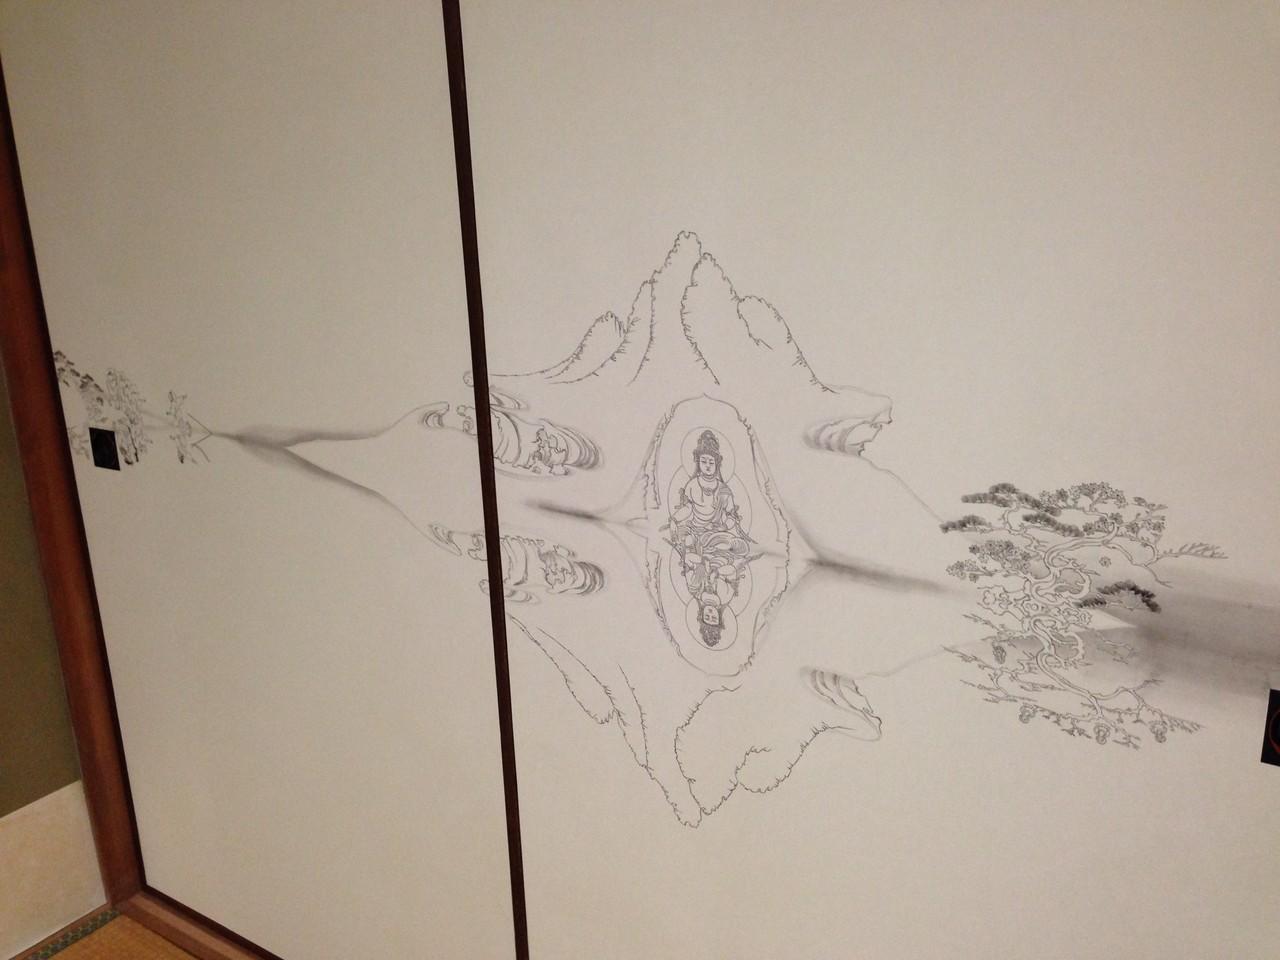 小鐡さんが描いた襖絵。水面に映る姿が変わっている。